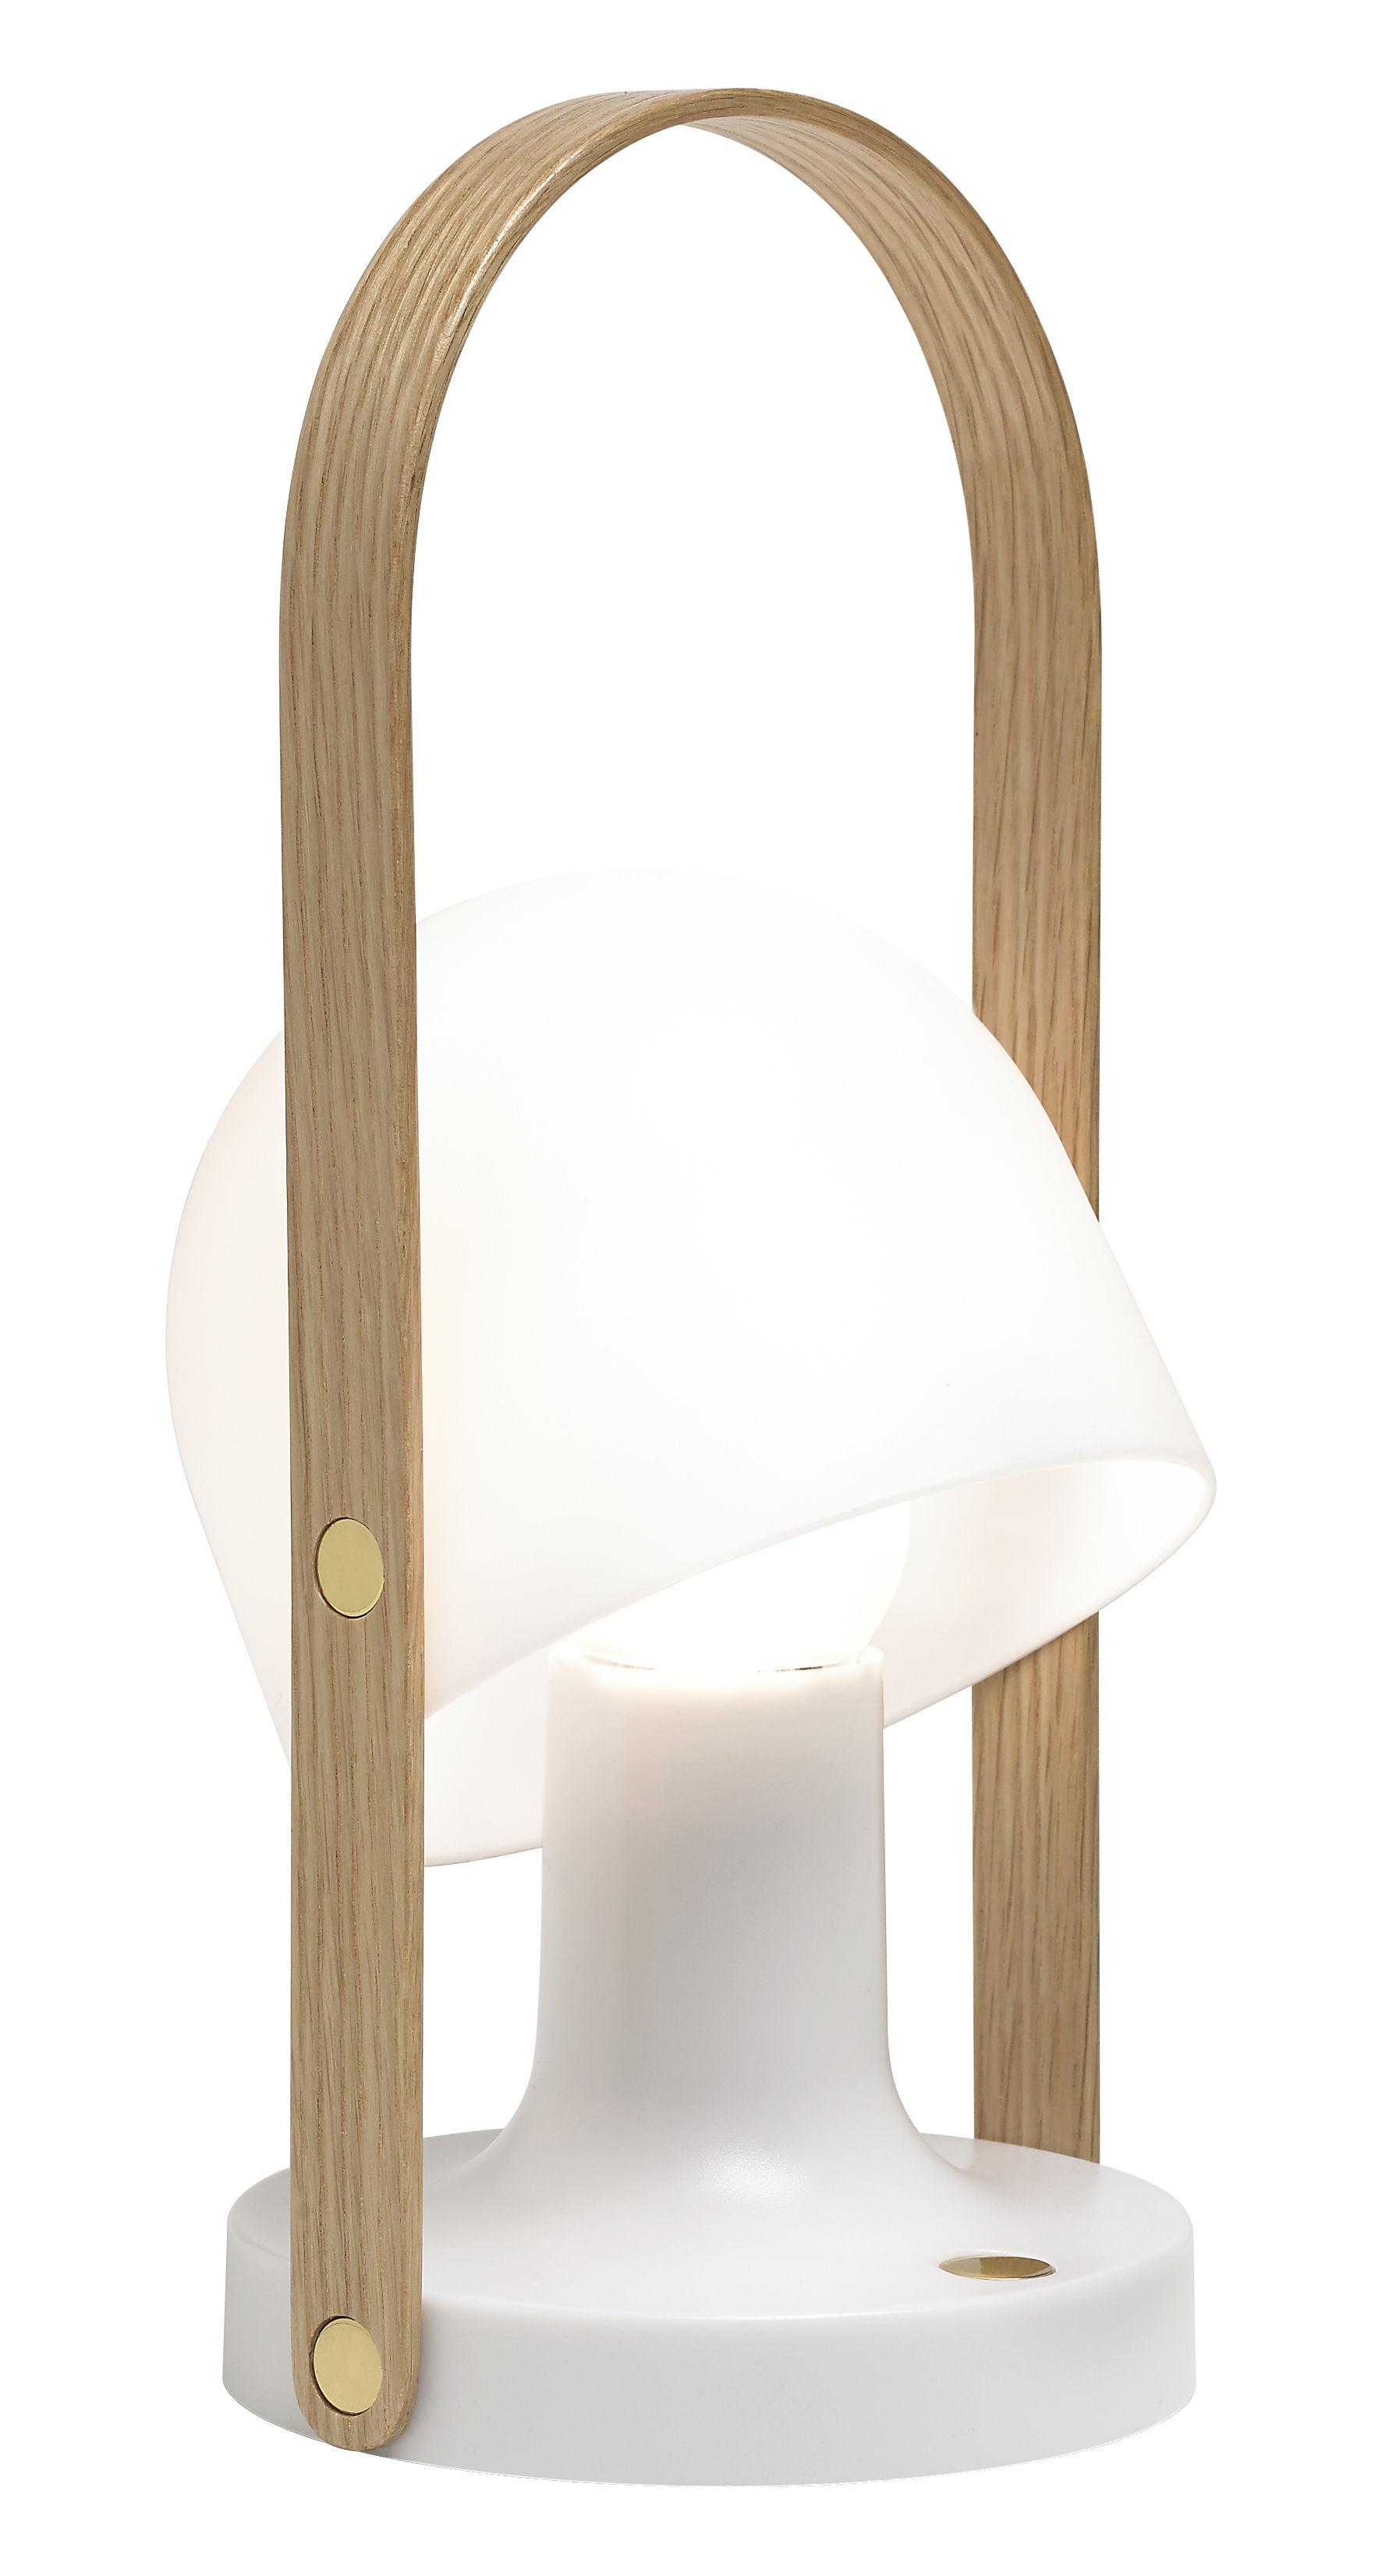 Luminaire - Lampes de table - Lampe sans fil FollowMe / LED - H 29 cm - Marset - H 29 cm / Blanc & bois - Contreplaqué de chêne, Polycarbonate